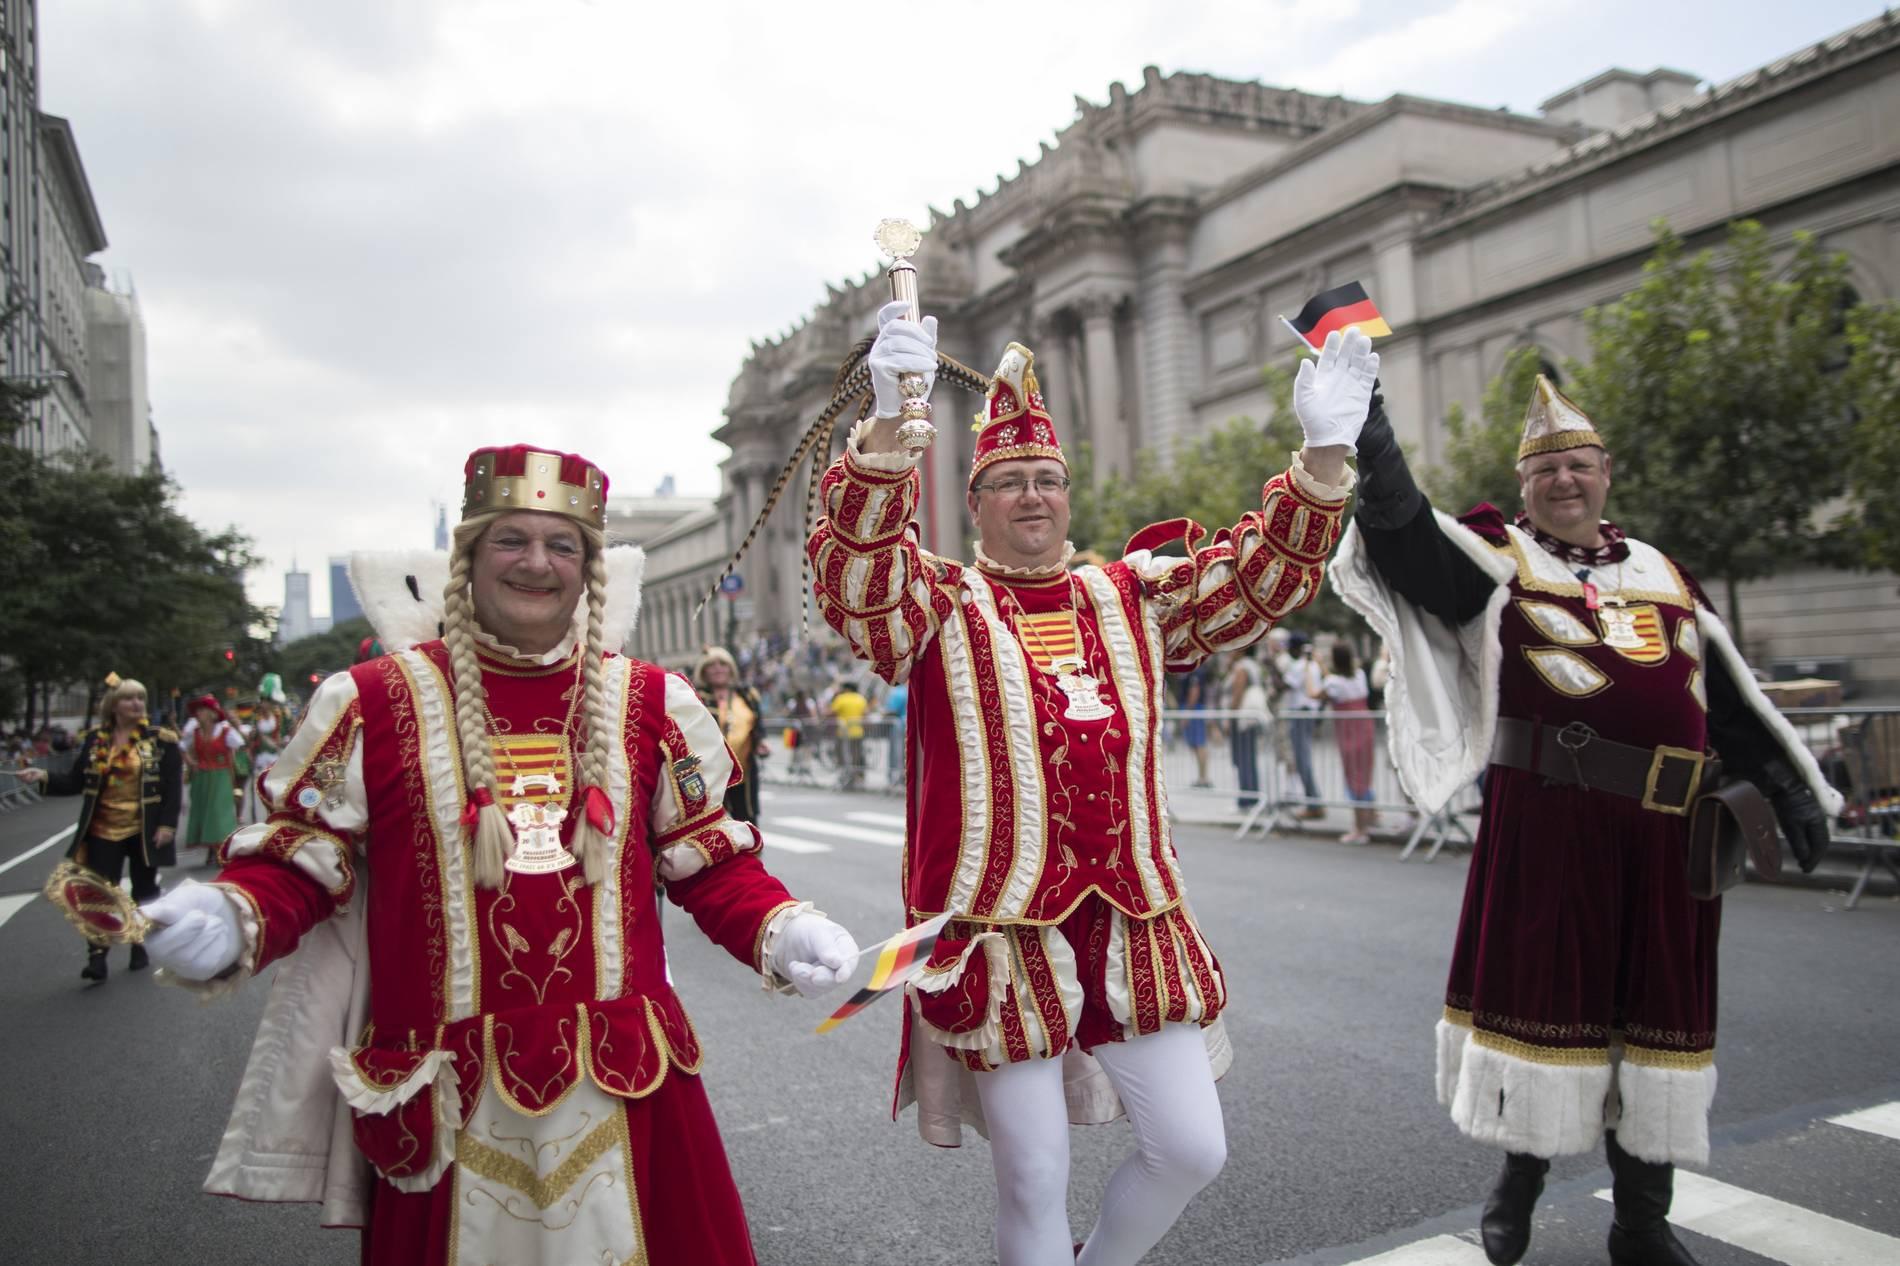 Steuben Parade 2018 Tausende New Yorker Feiern Deutsche